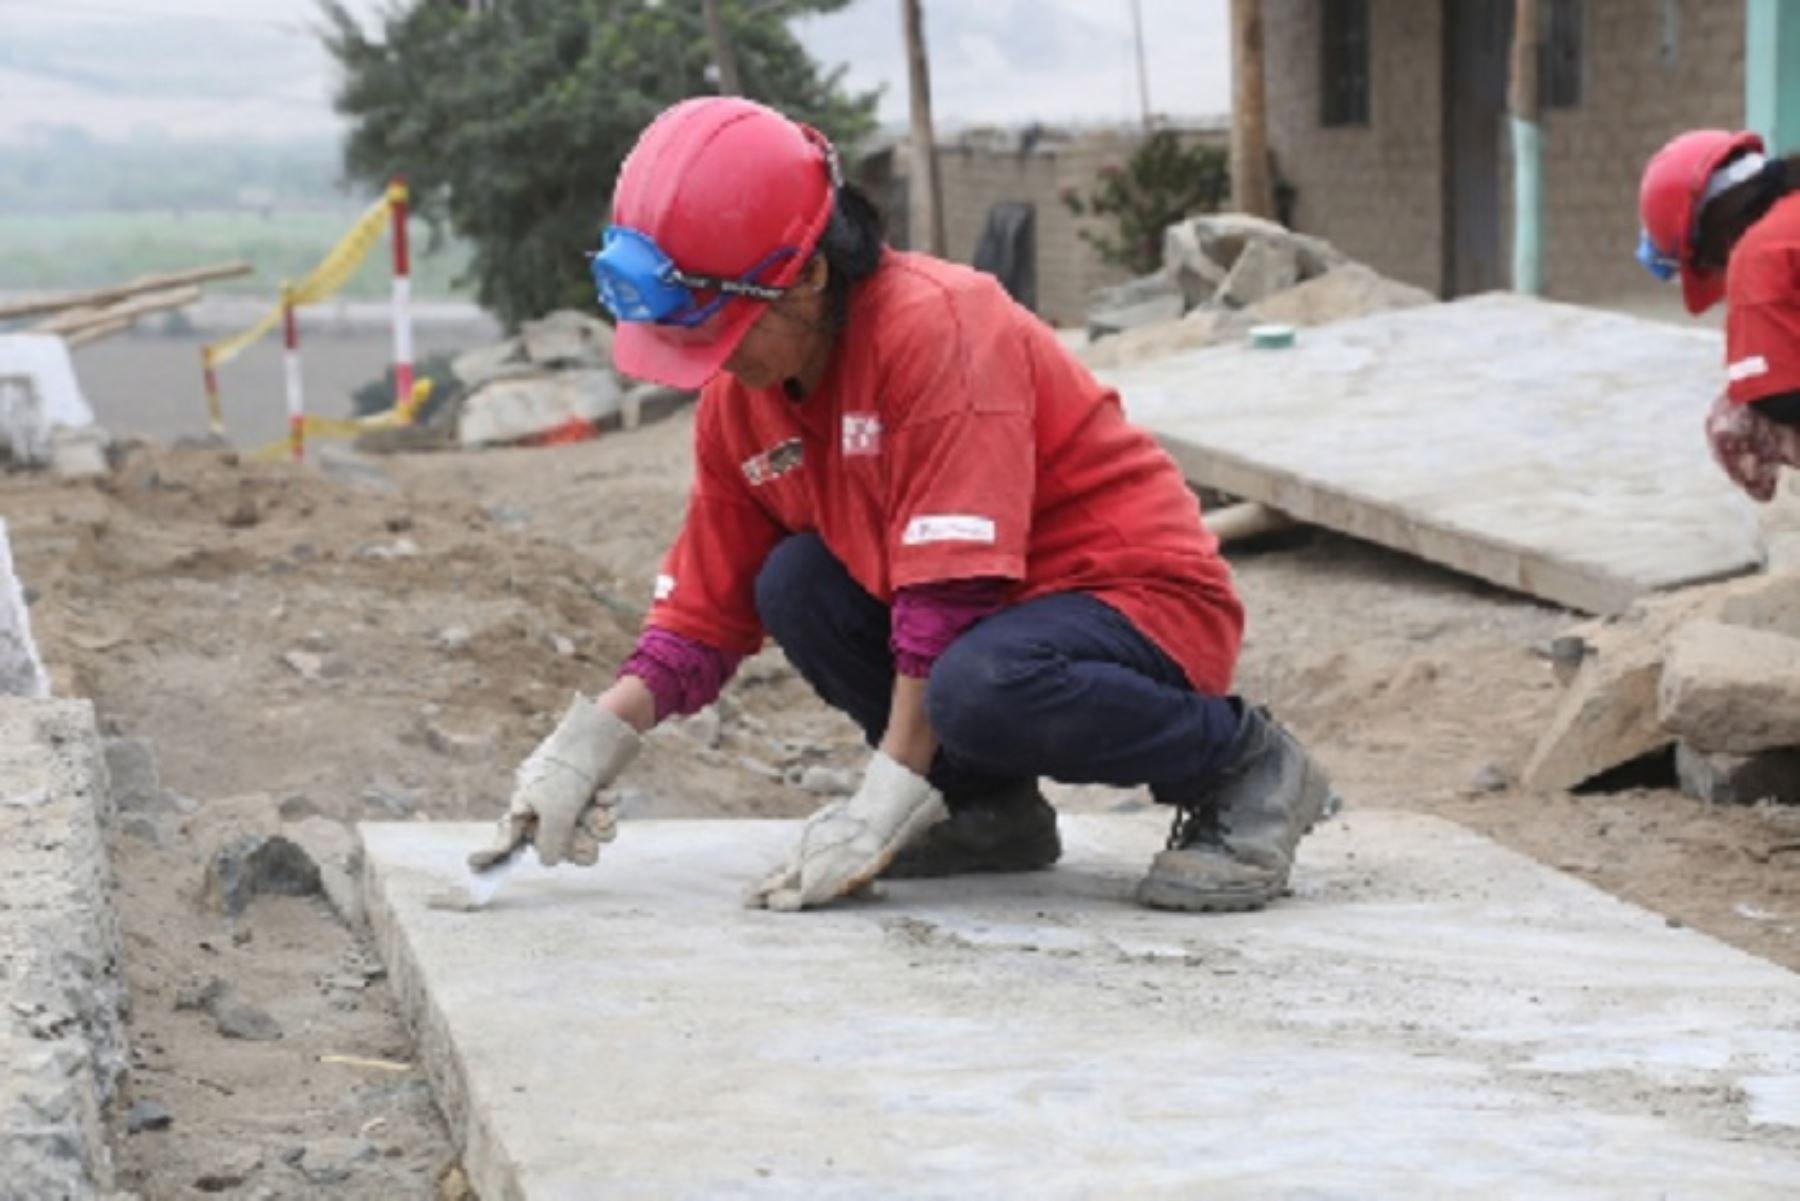 El programa Trabaja Perú del Ministerio de Trabajo y Promoción del Empleo (MTPE) financiará en total 119 actividades de intervención inmediata en 75 distritos del país declarados en emergencia, por un monto de casi S/ 7.5 millones y generará más de 5900 empleos temporales.